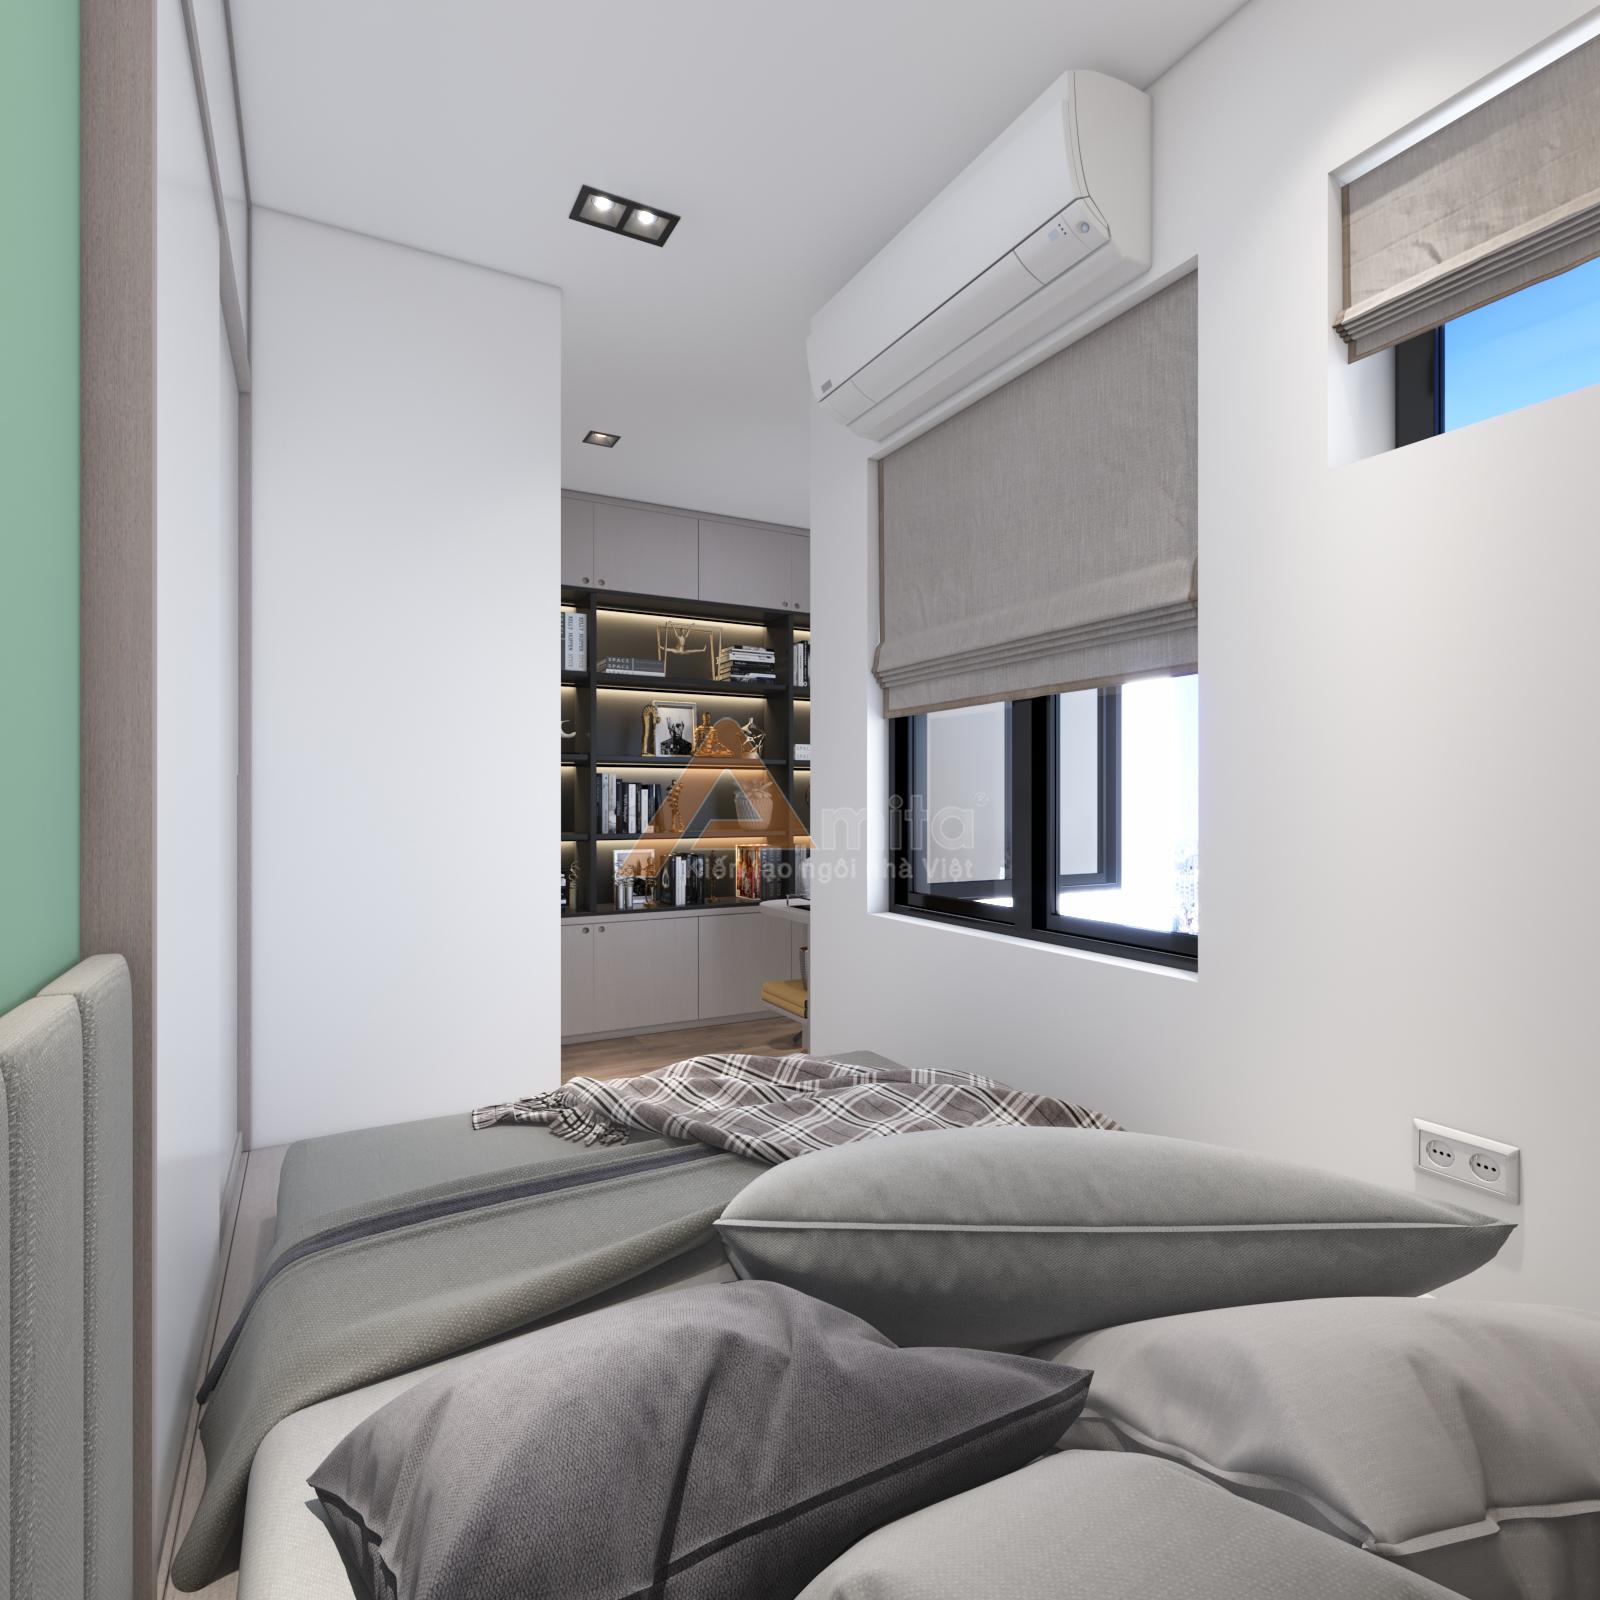 thiết kế nội thất chung cư tại Hà Nội Chung cư New Skyline - Văn Quán 17 1572341534